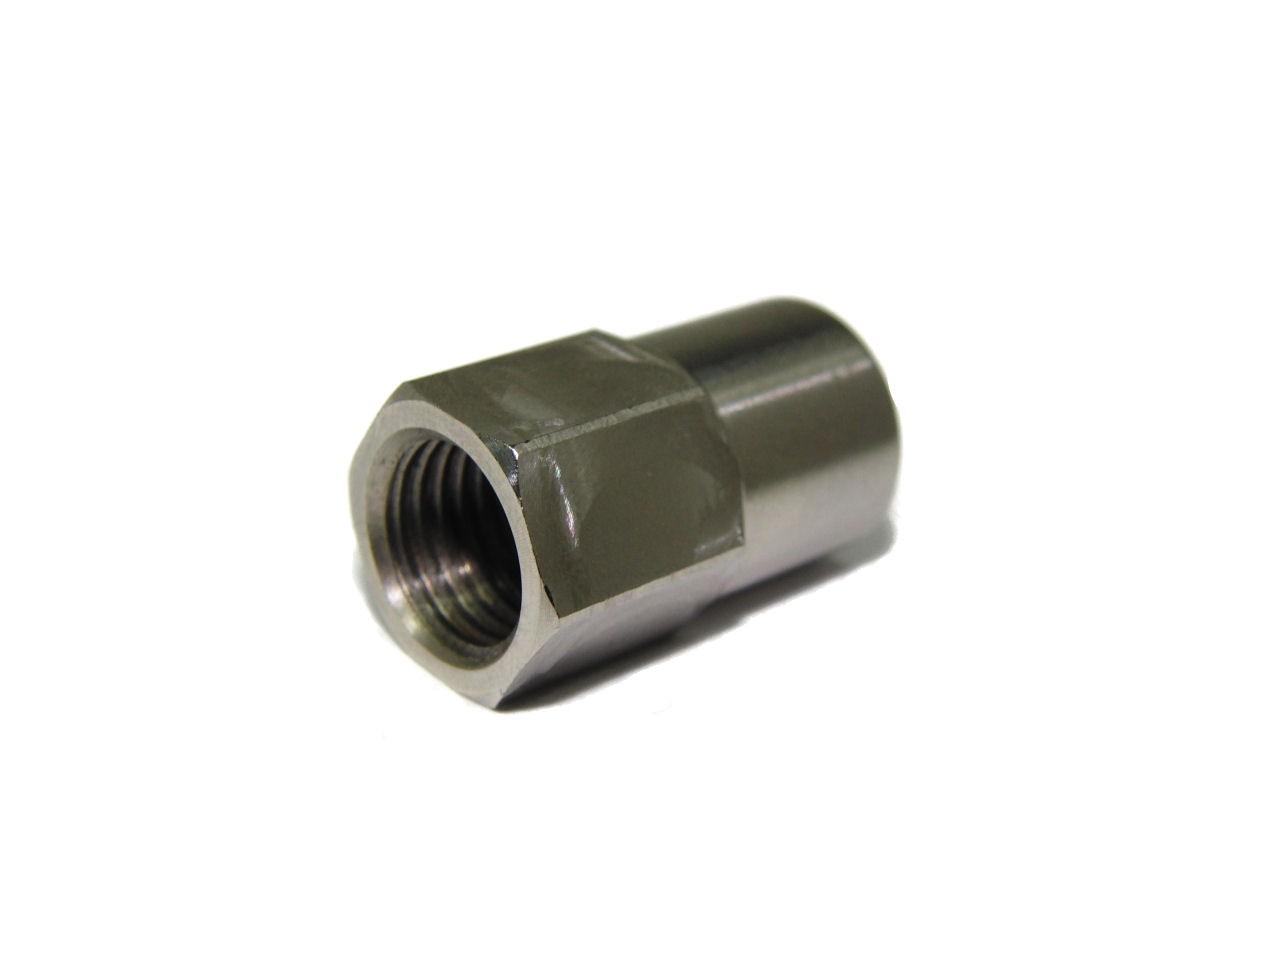 1/8 BSP F - 5mm F adpt **USED**